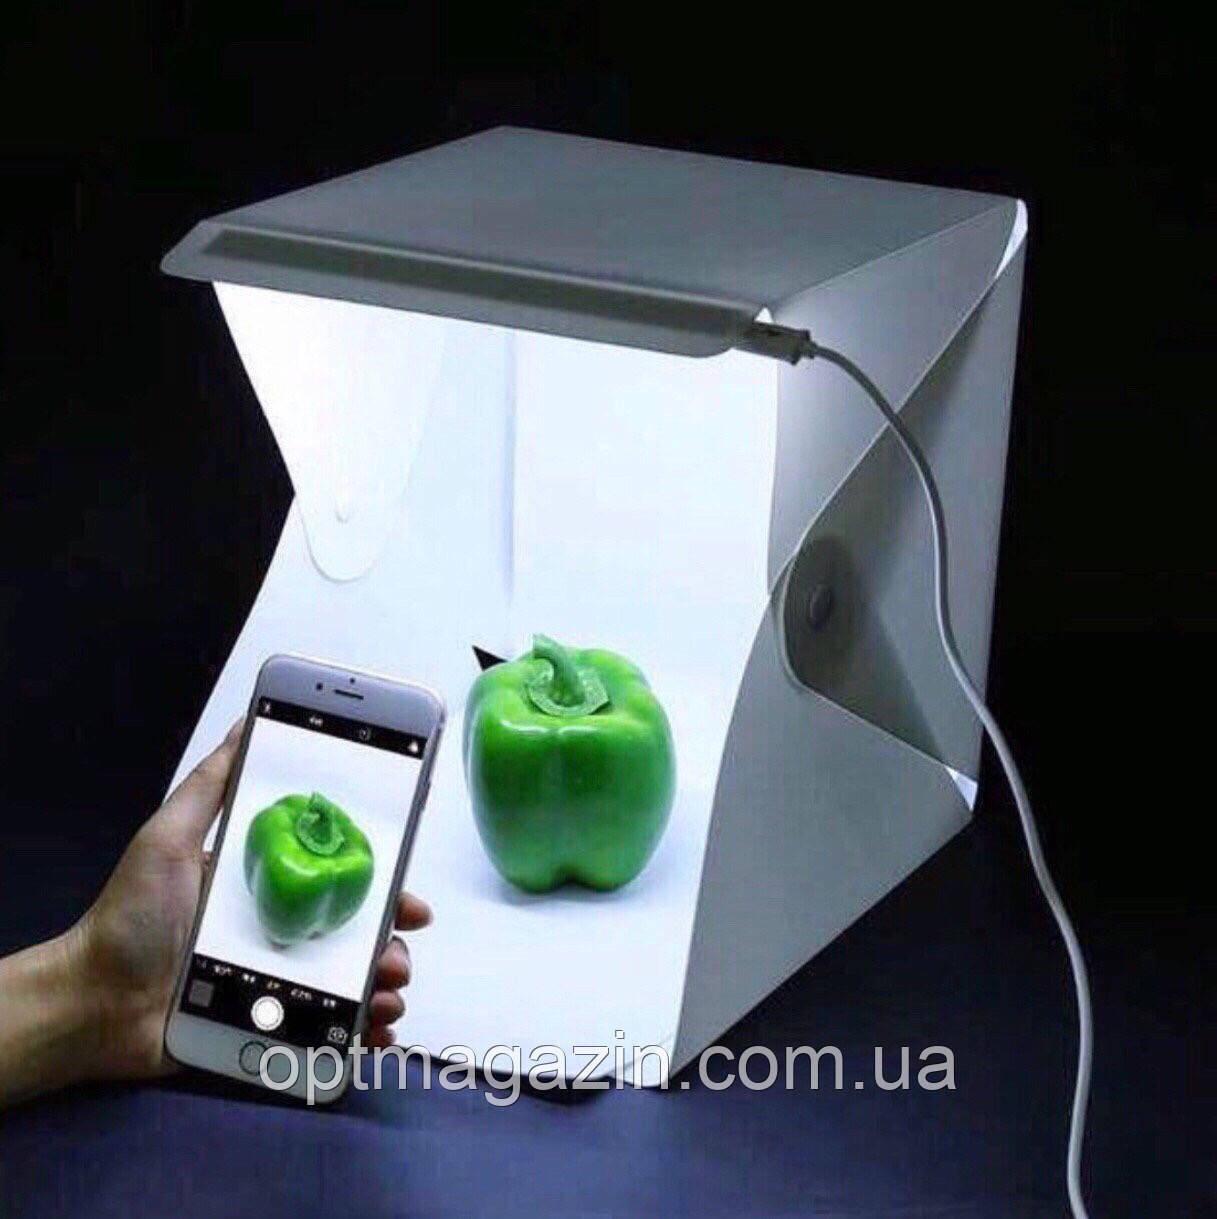 Фото бокс Photo Box с подсветкой\ Лайт бокс для предметной съемки 40х40см